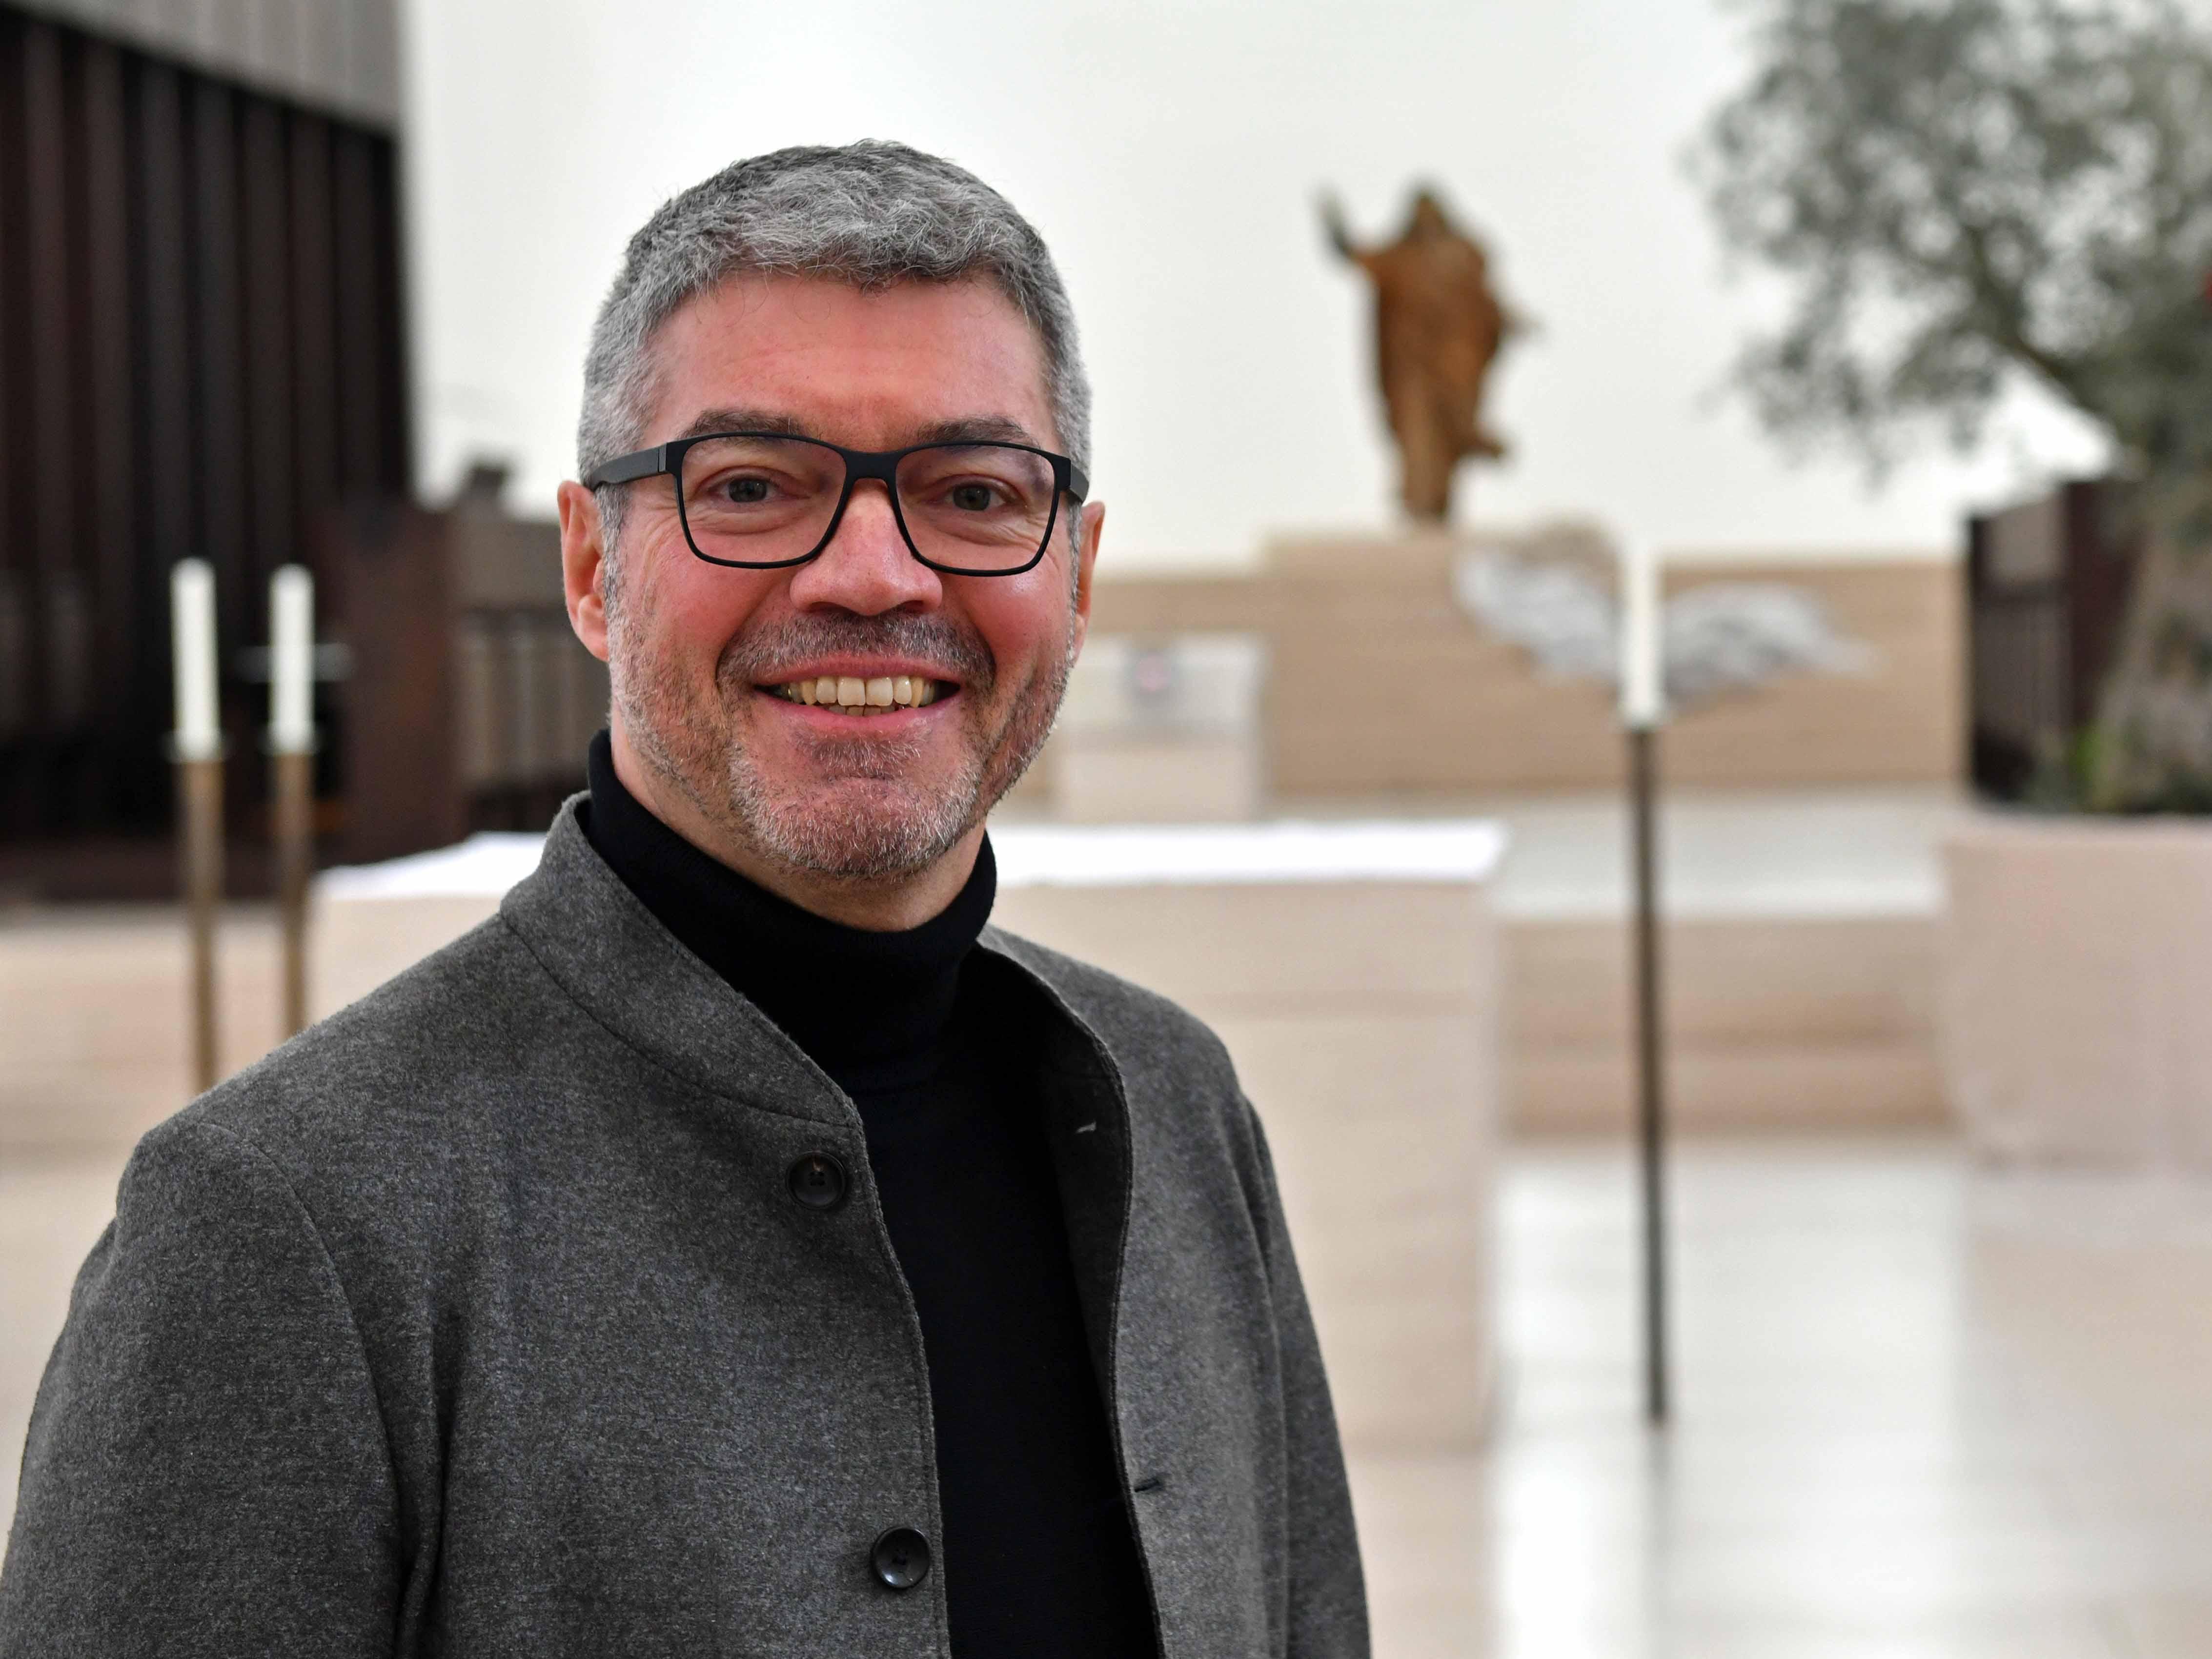 Der Augsburger Stadtdekan Helmut Haug wird ab dem 1. Juli Bischöflicher Beauftragter für Ökumene und interreligiösen Dialog. (Foto: Nicolas Schnall / pba)